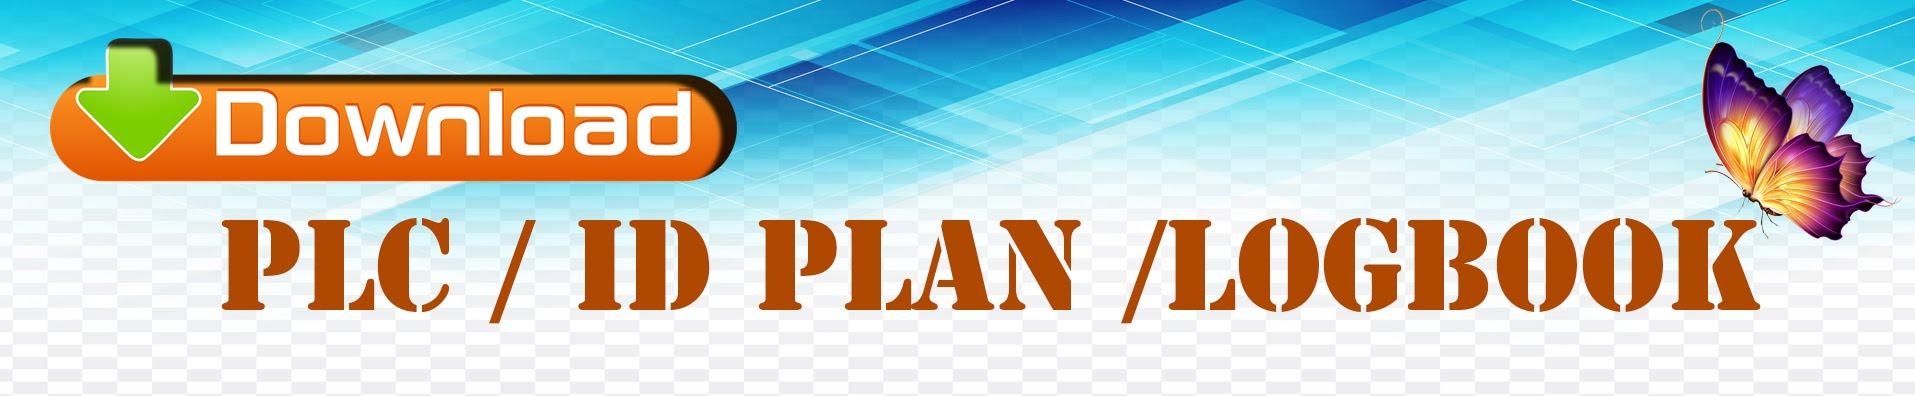 ดาวน์โหลด PLC/ID Plan/Logbook